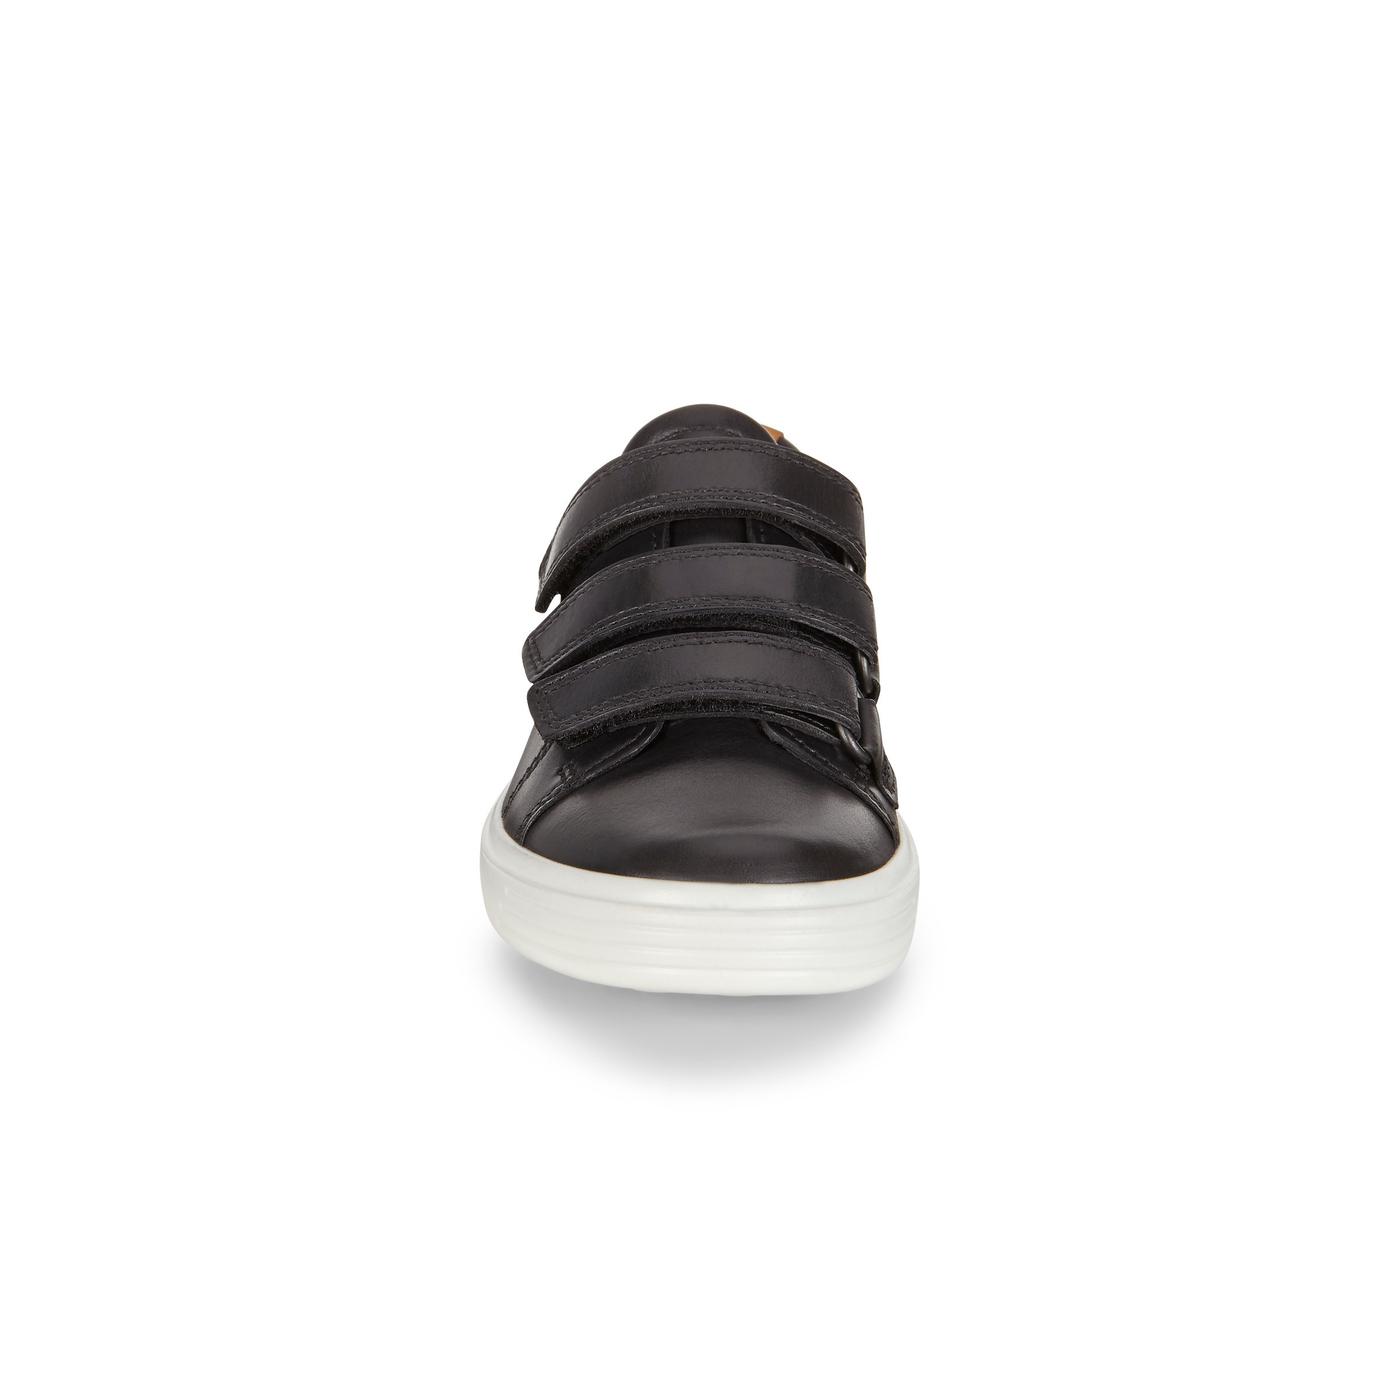 ECCO S7 TEEN Shoe